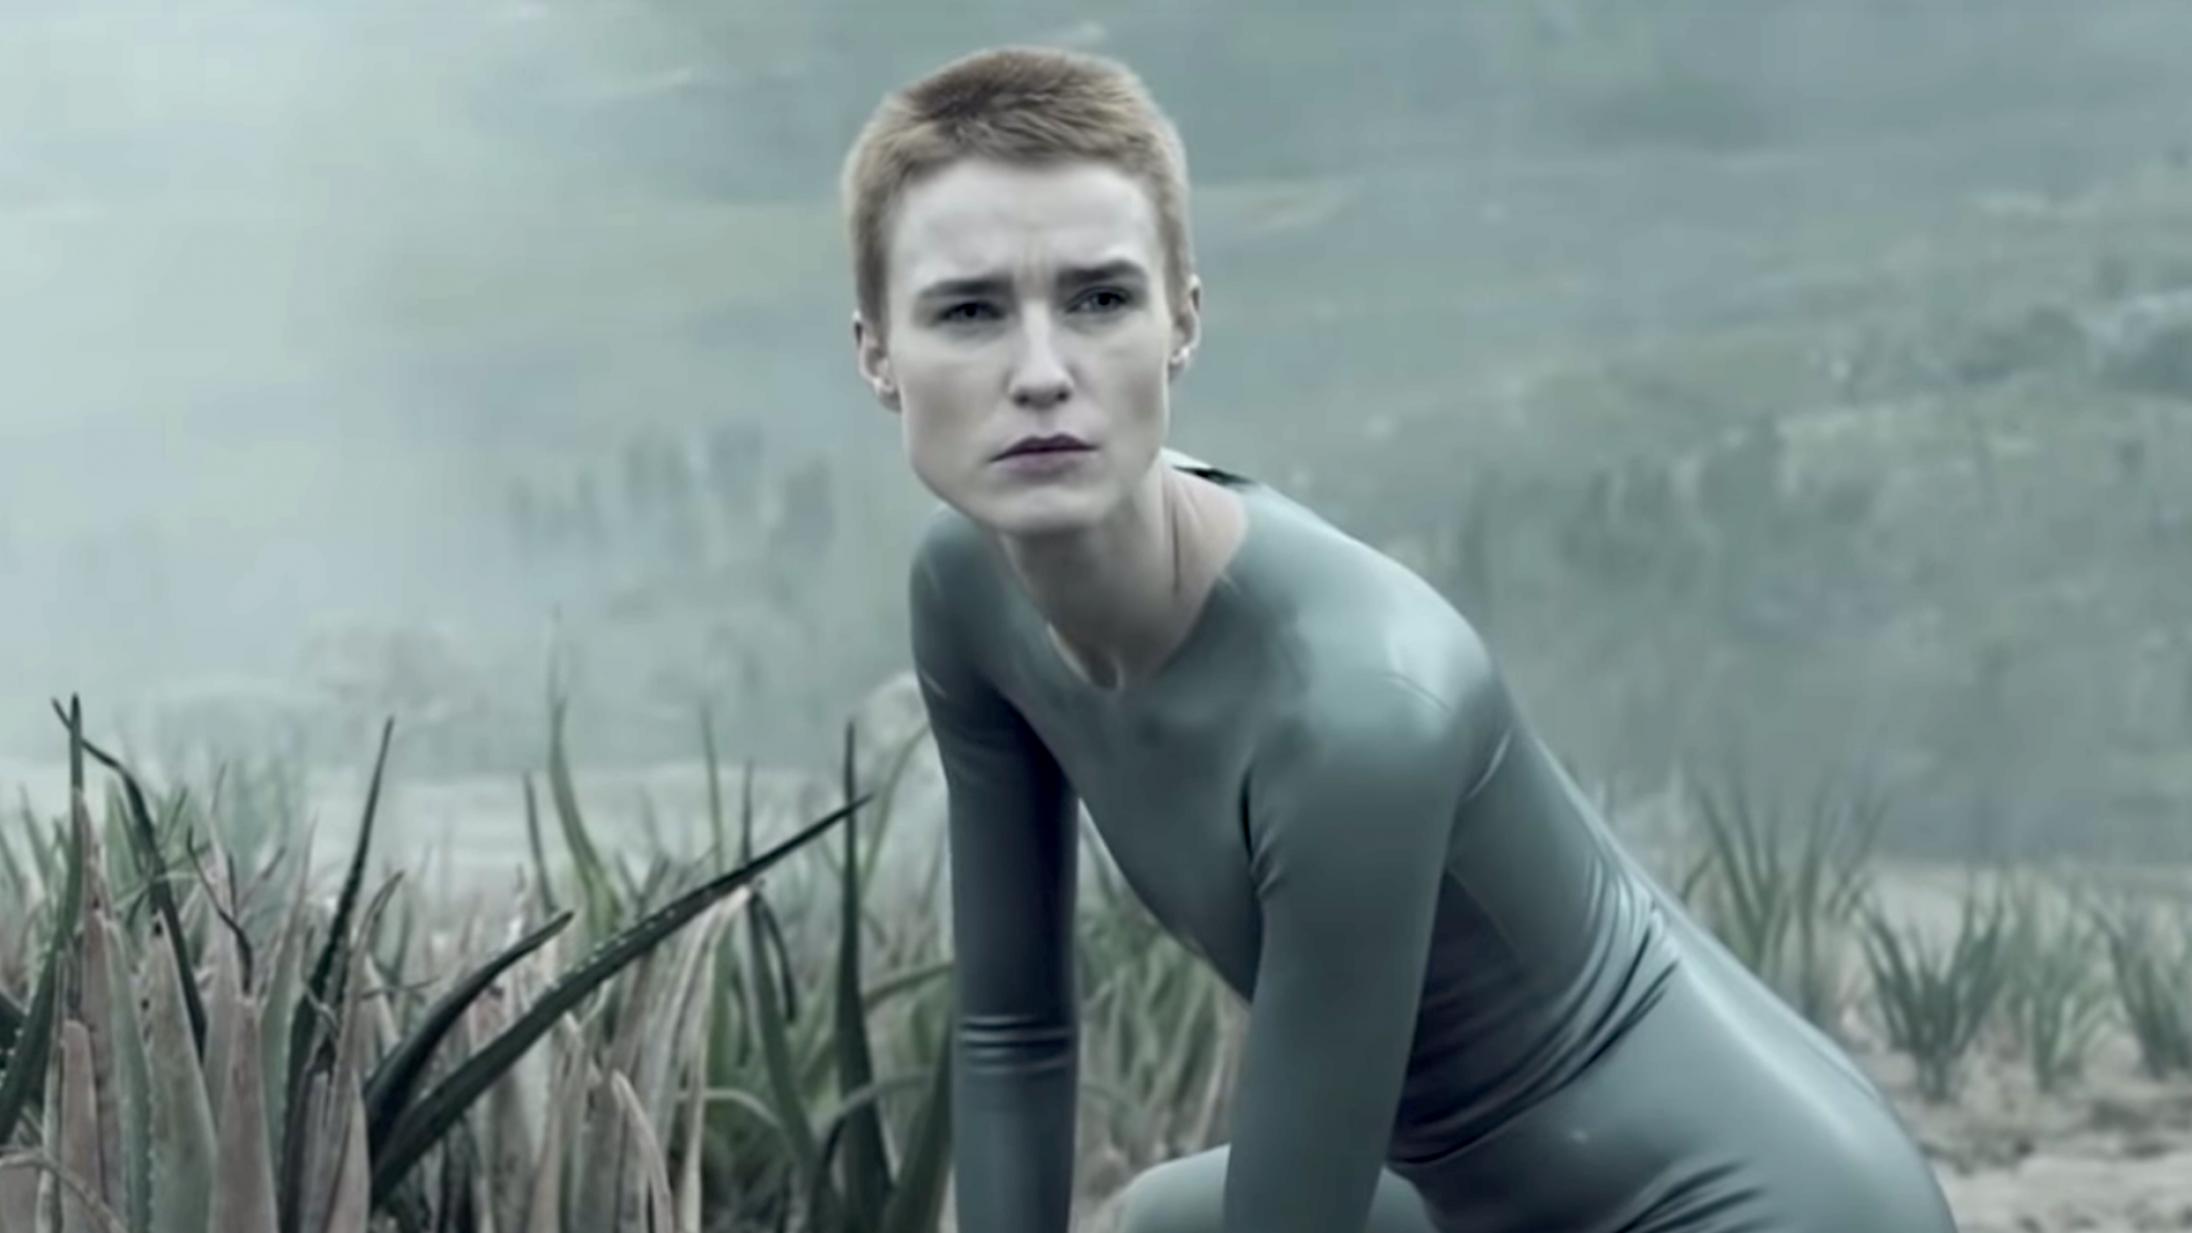 Amanda Collin fik hovedrollen i Ridley Scott-serien 'Raised by Wolves' ved et tilfælde